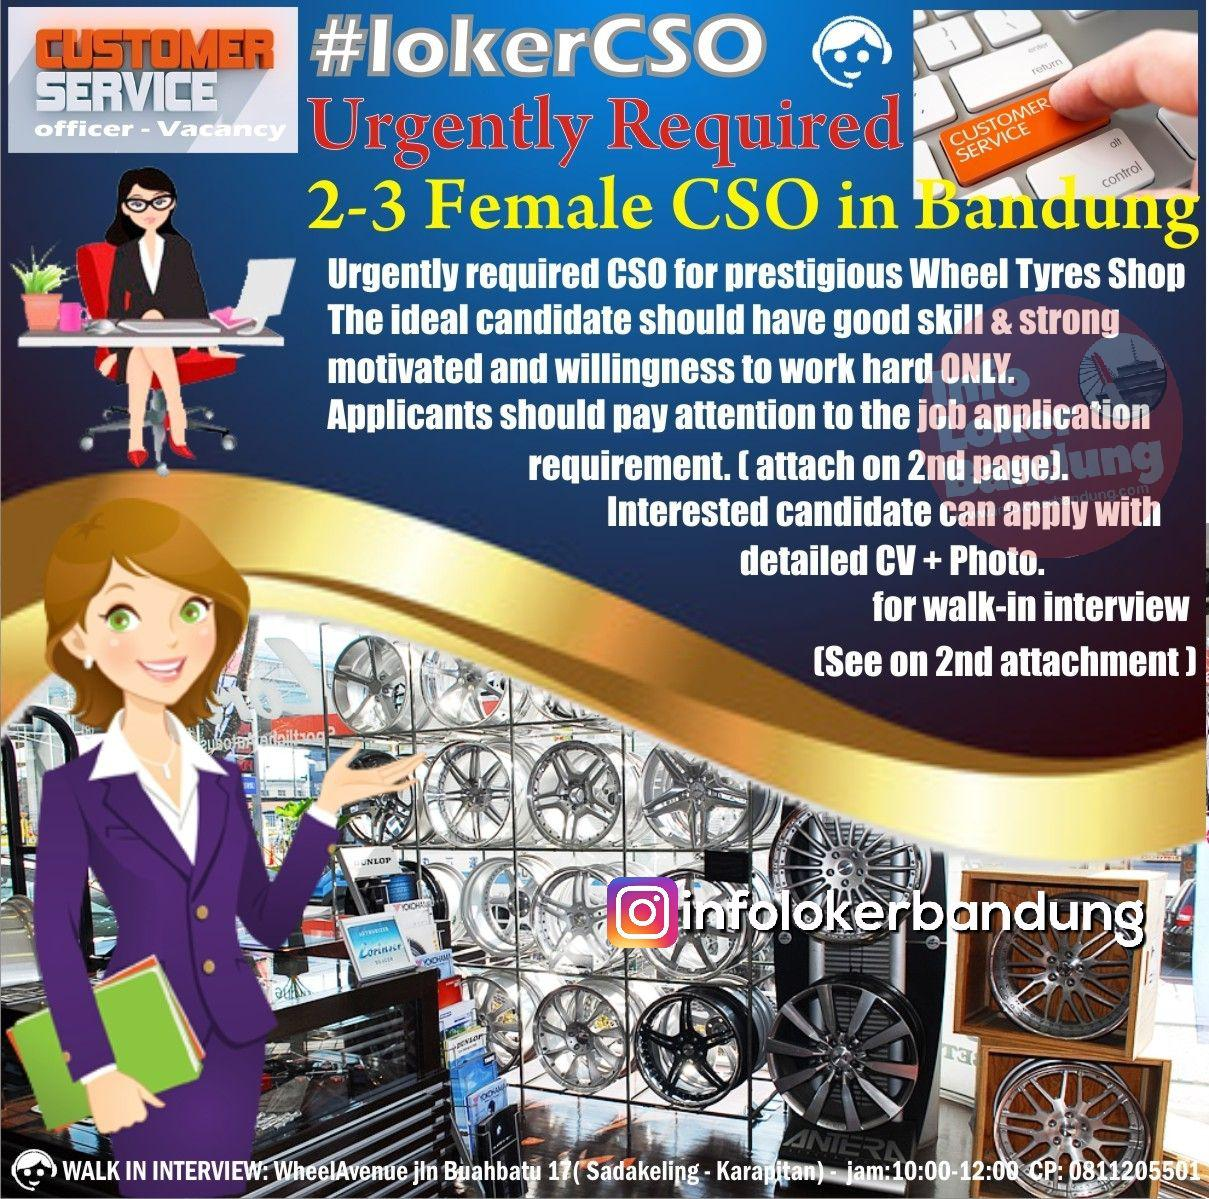 Lowongan Kerja Customer Service Wheel Avenue Bandung Februari 2019